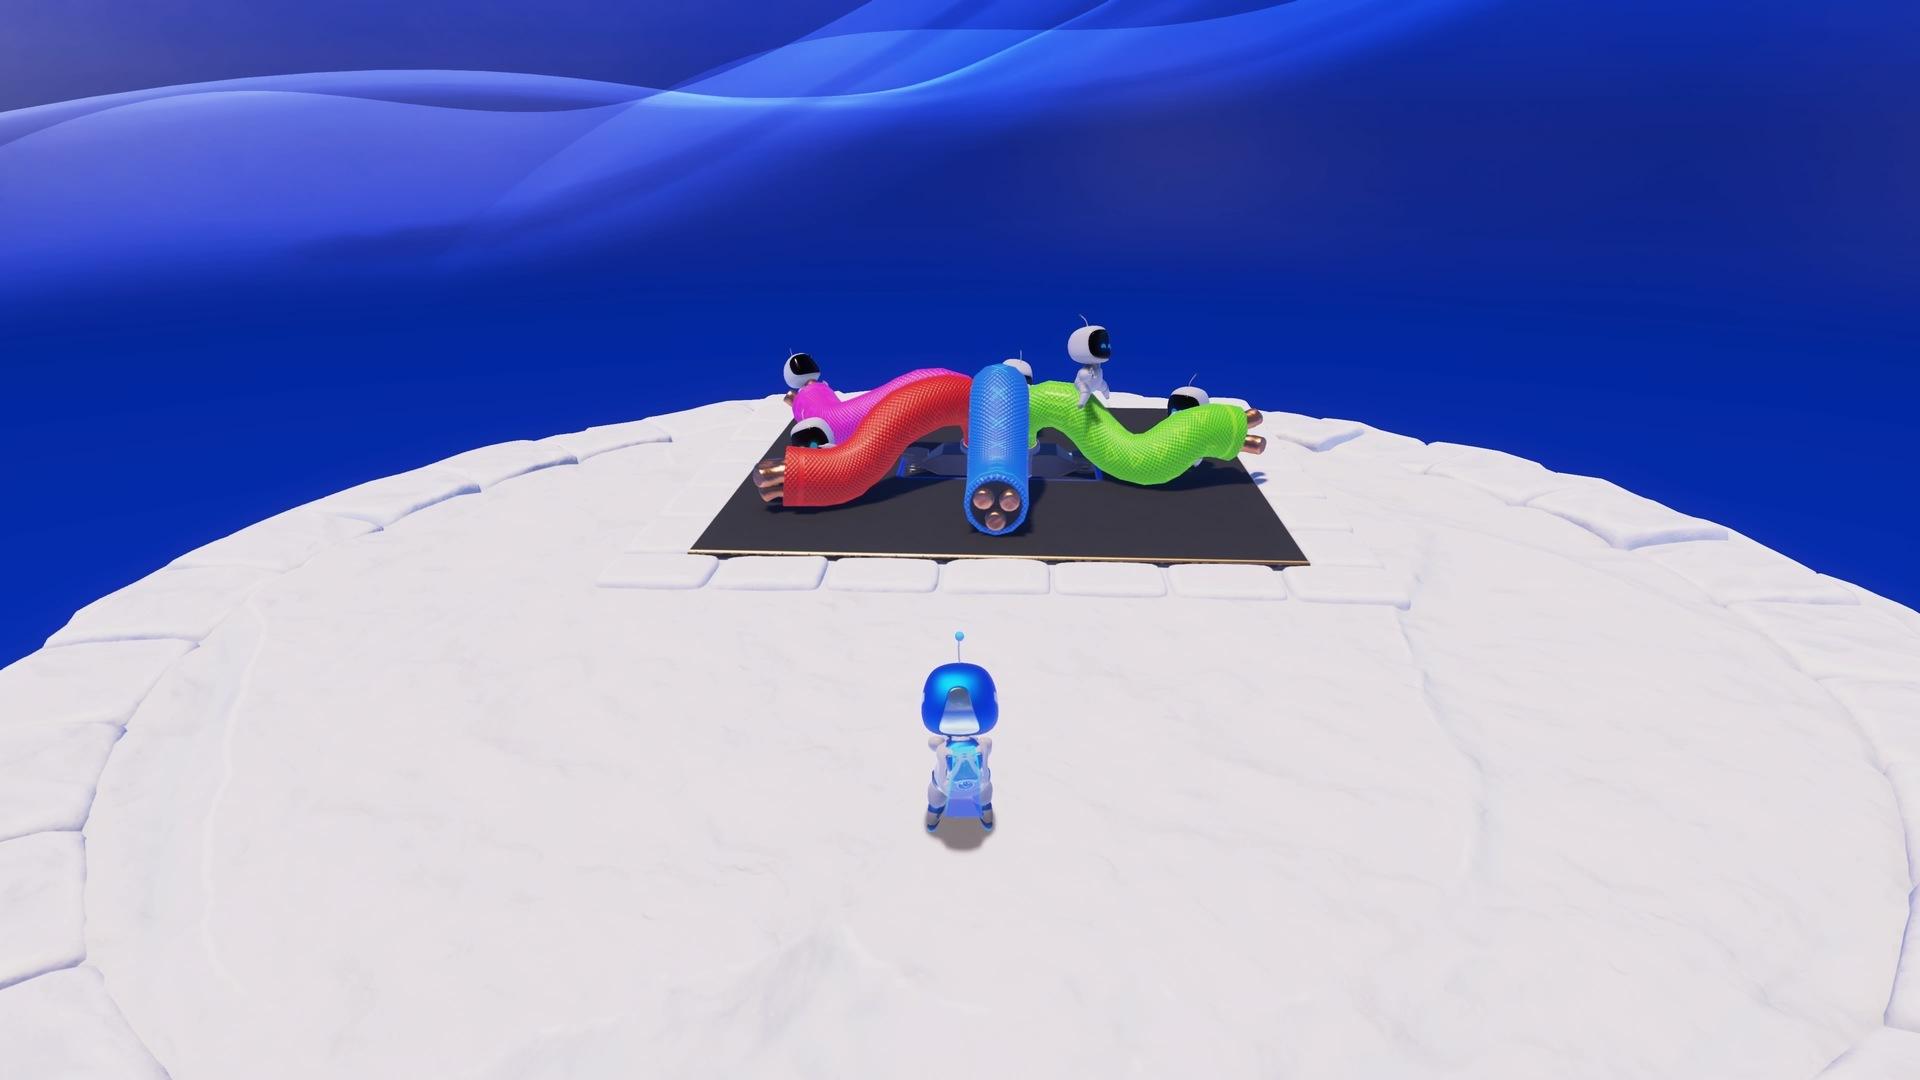 Astros Playroom® マザーボード山脈-4